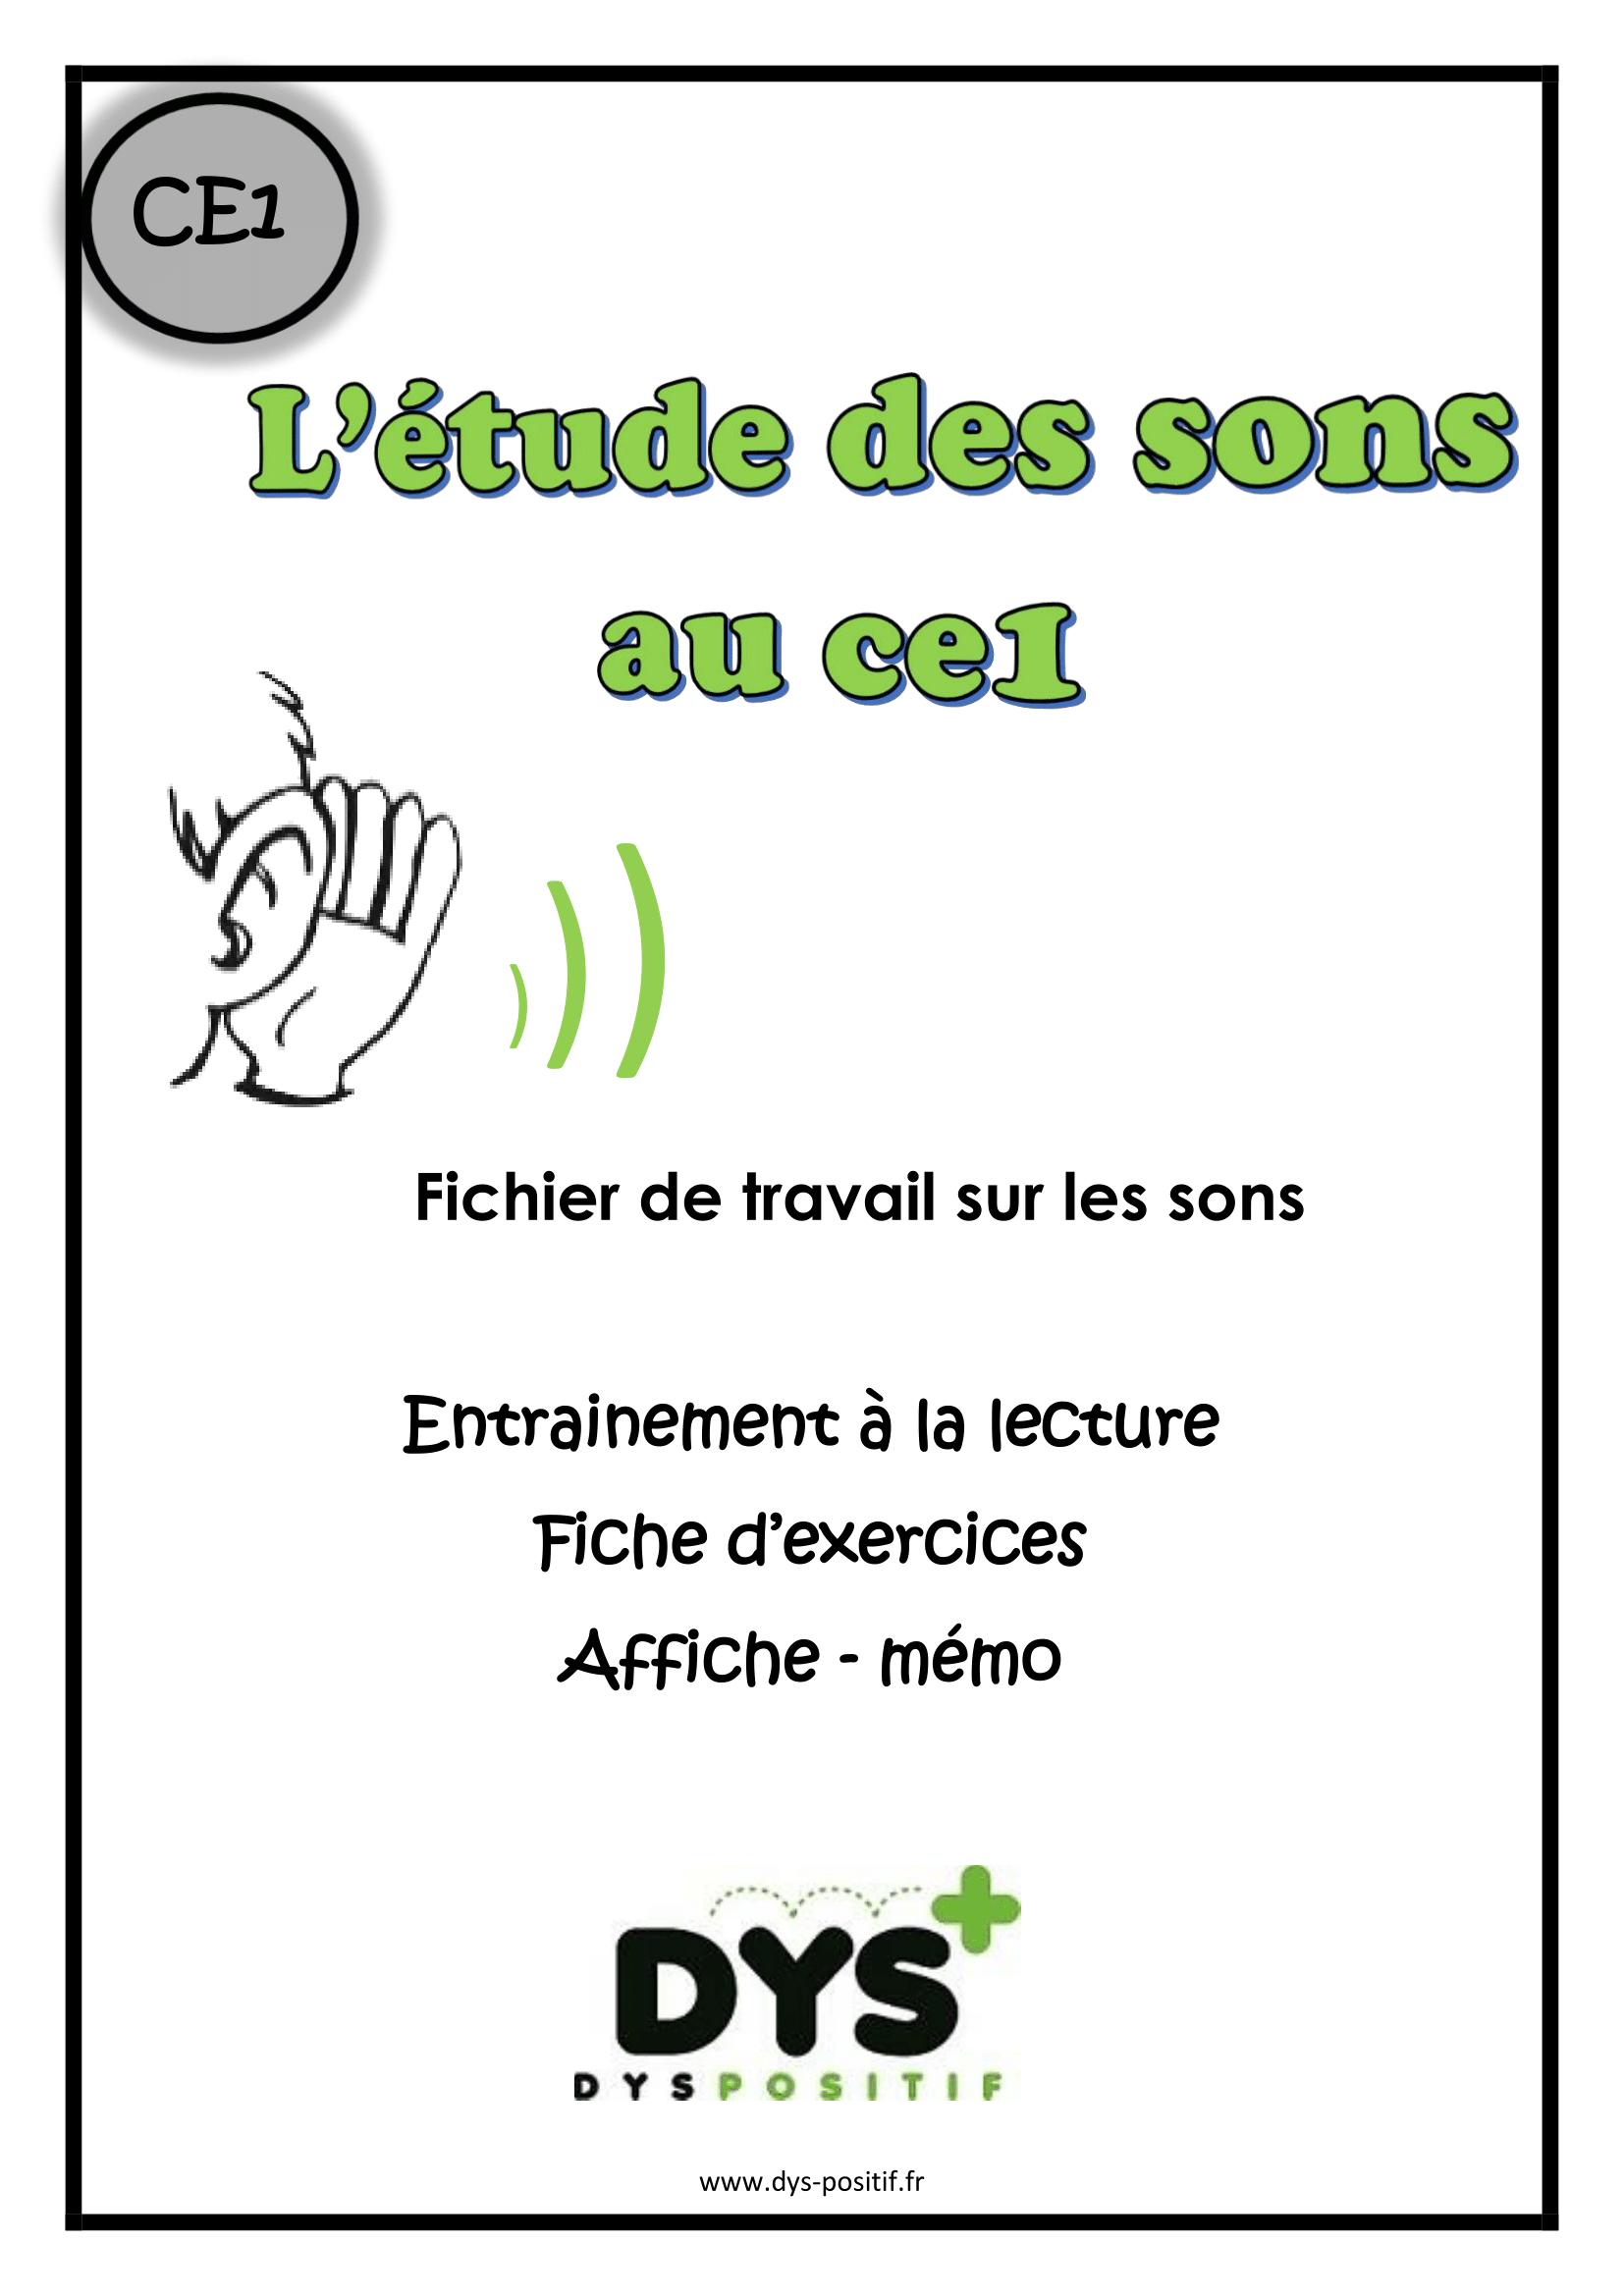 Ce1 - Fiches À Imprimer Et Exercices En Ligne Pour Les pour Fiche Français Ce1 Imprimer